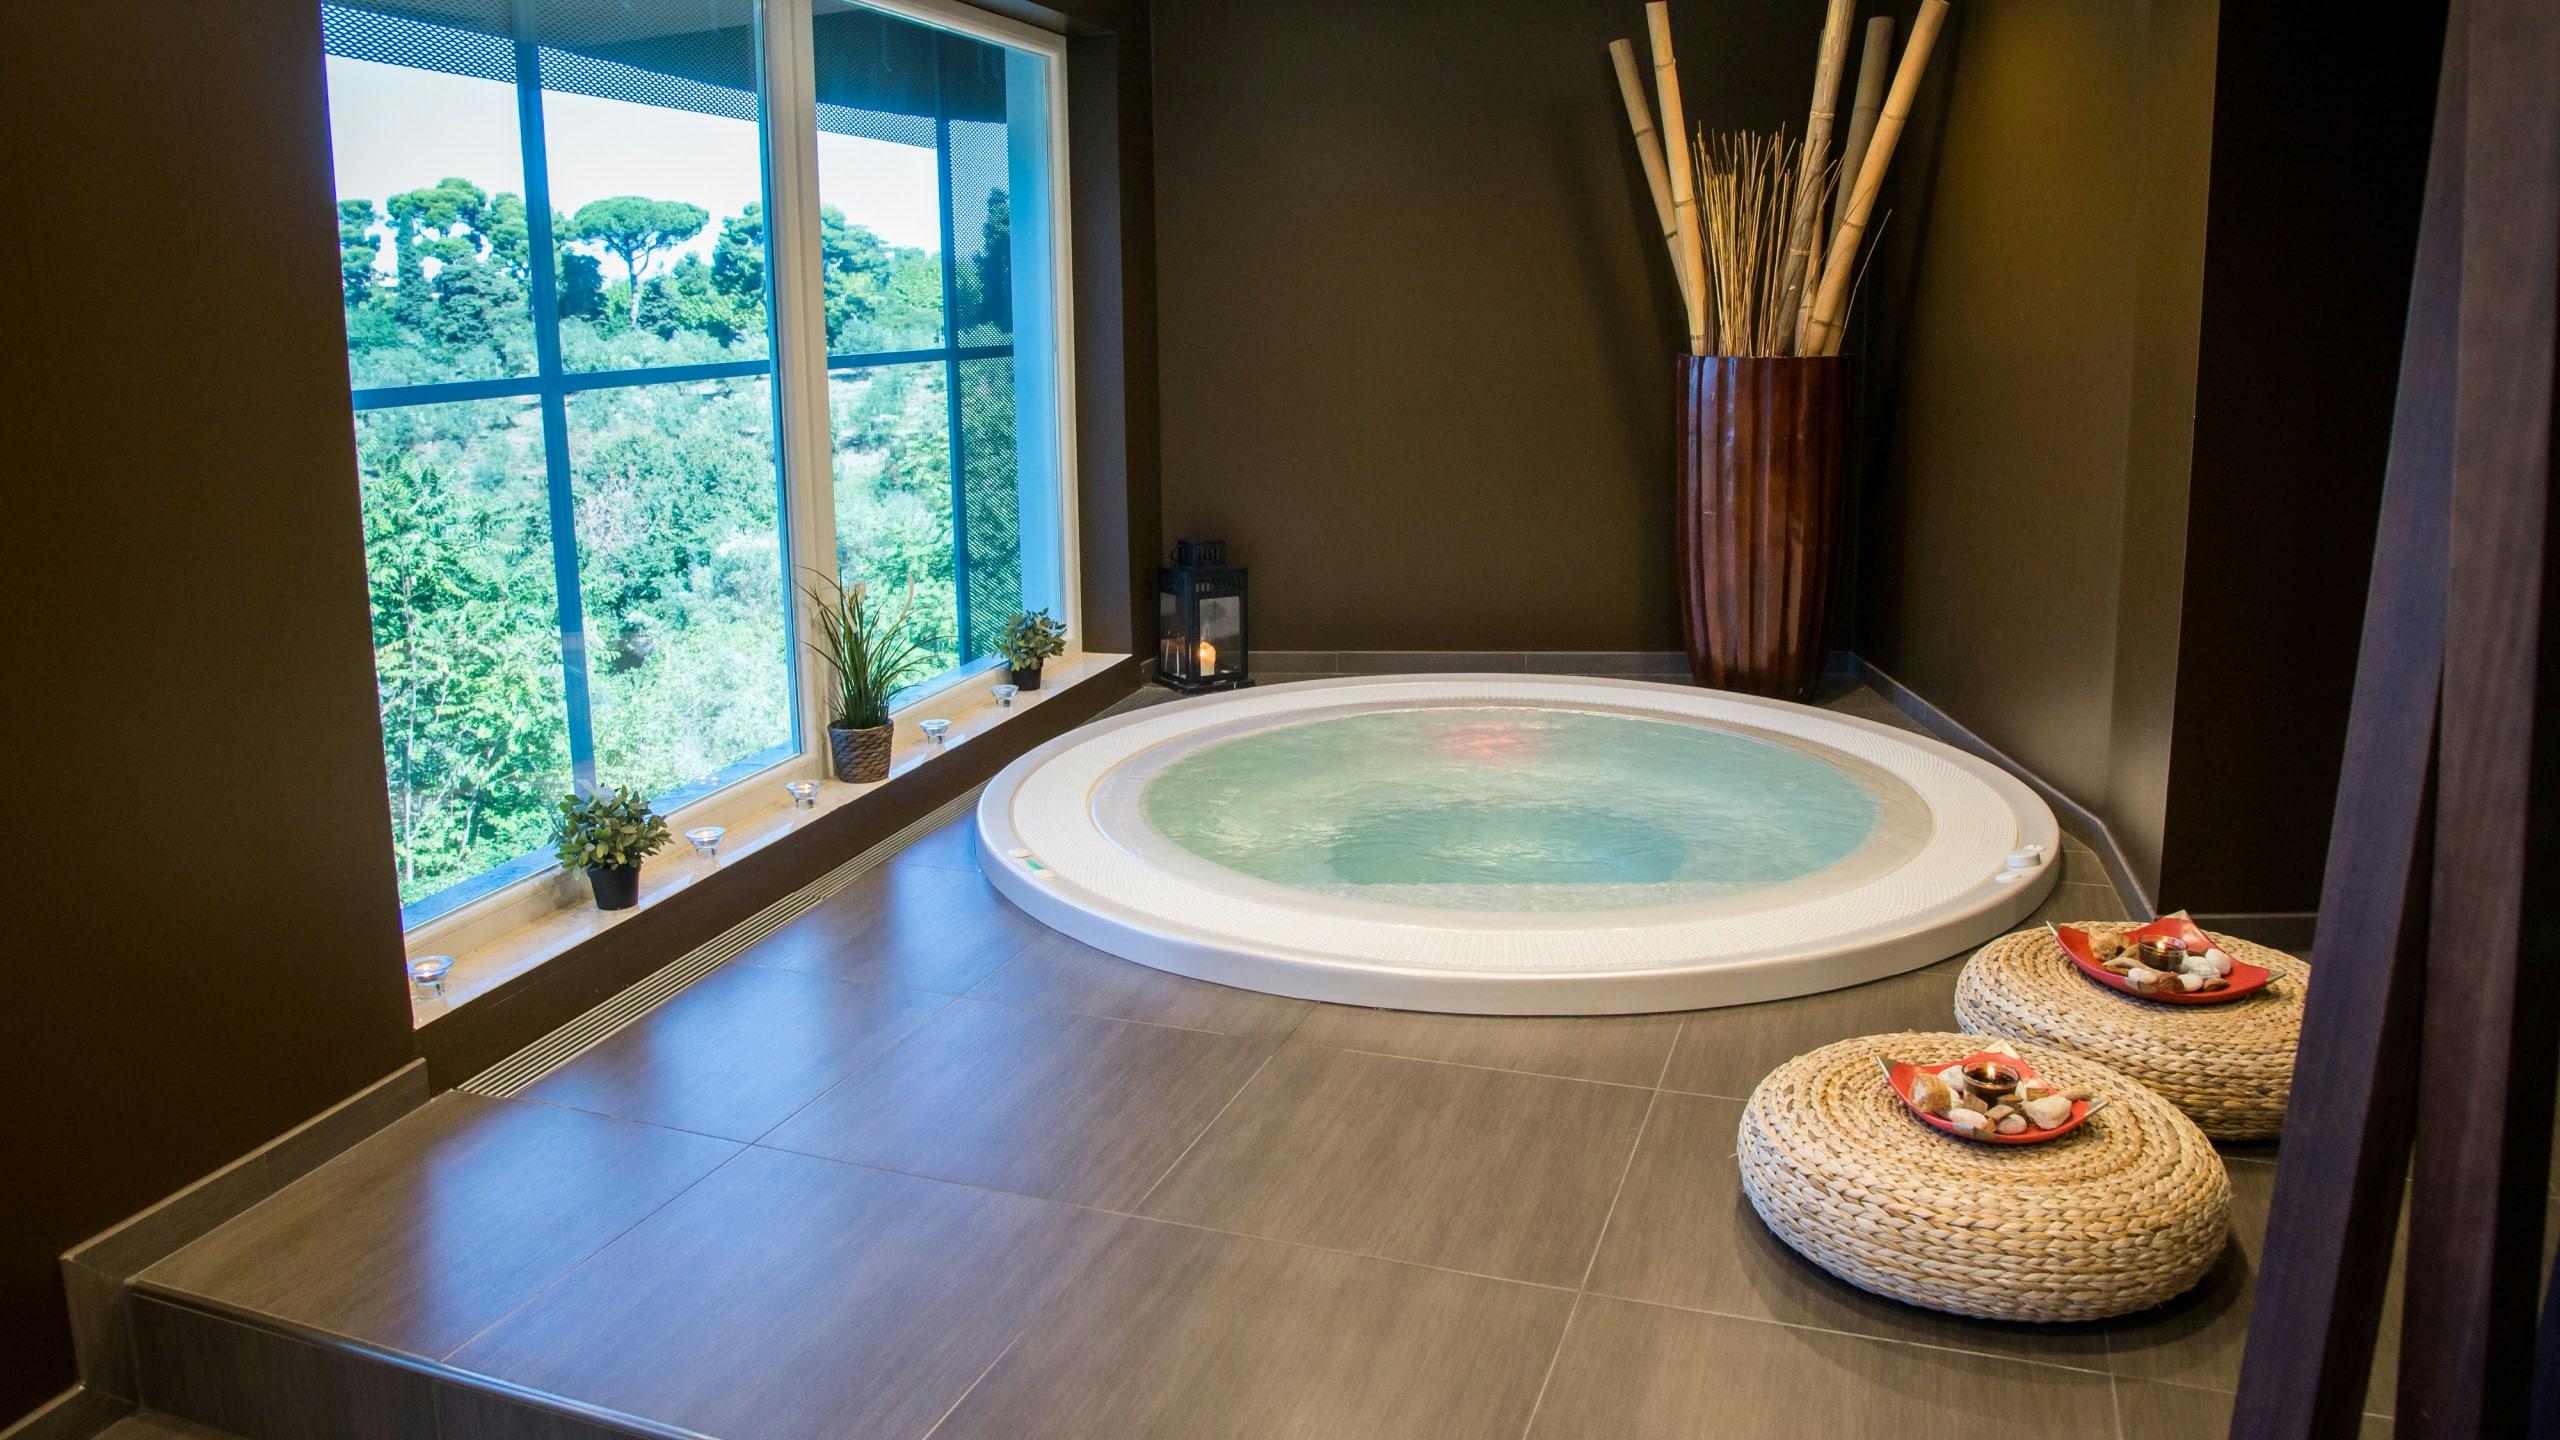 Design Hotel Il Berg Luxury Hotel Di Roma : Hotel spa villa mercede a frascati aloa